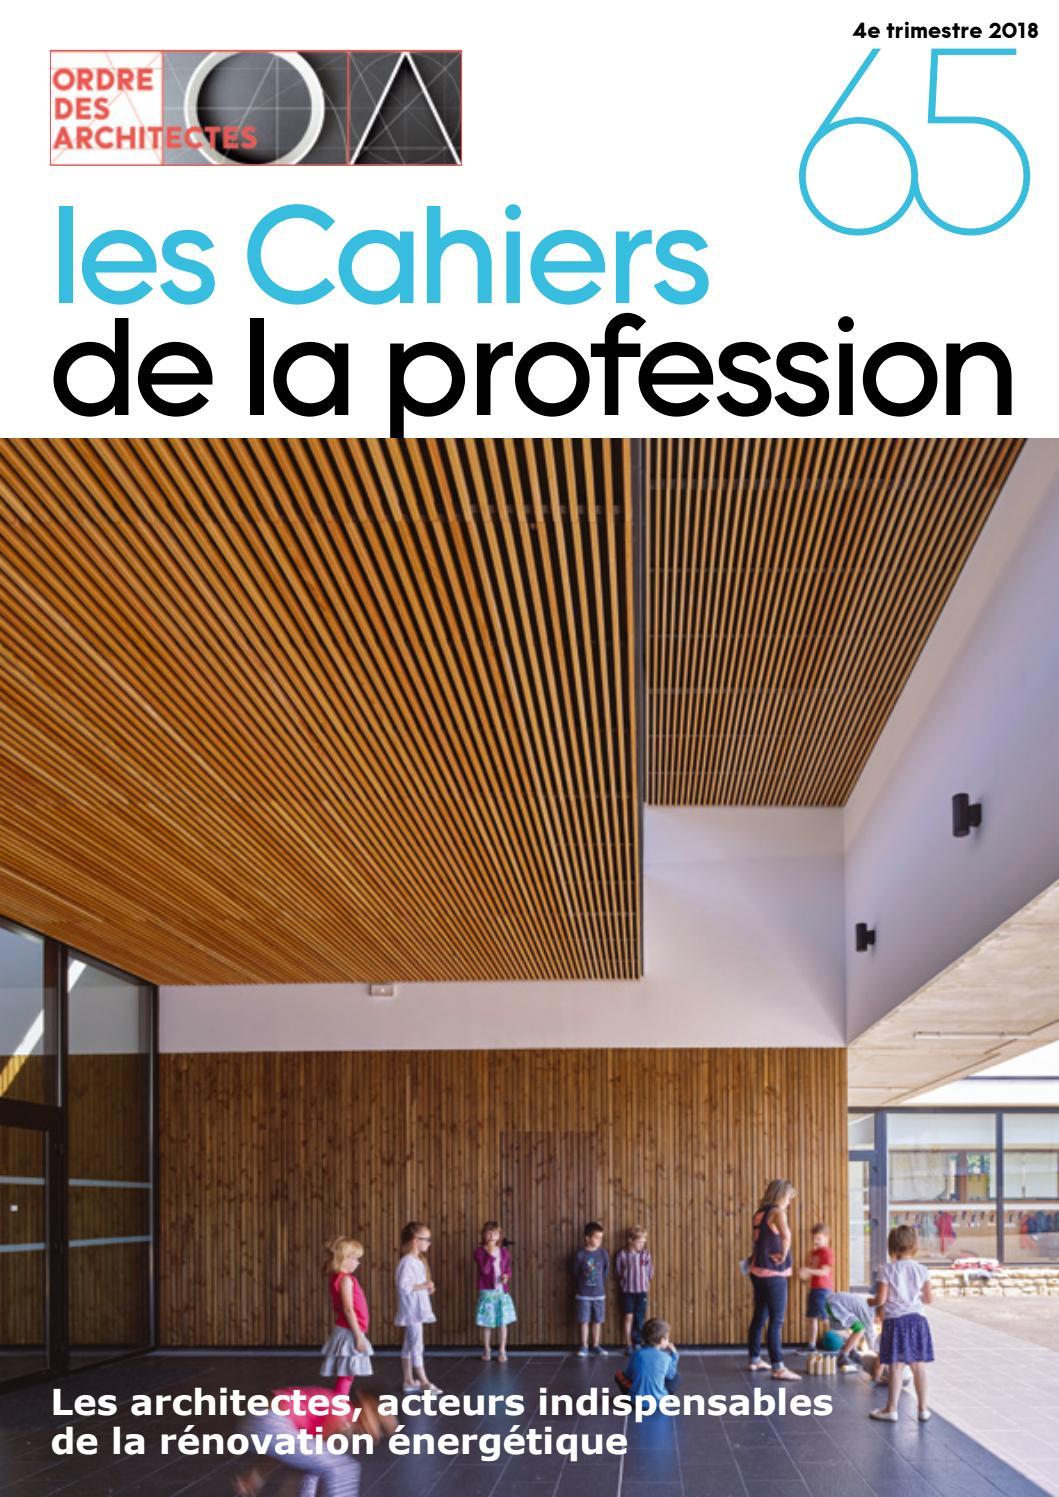 Ordre Des Architectes Amiens cahiers de la profession n°65cnoa - issuu